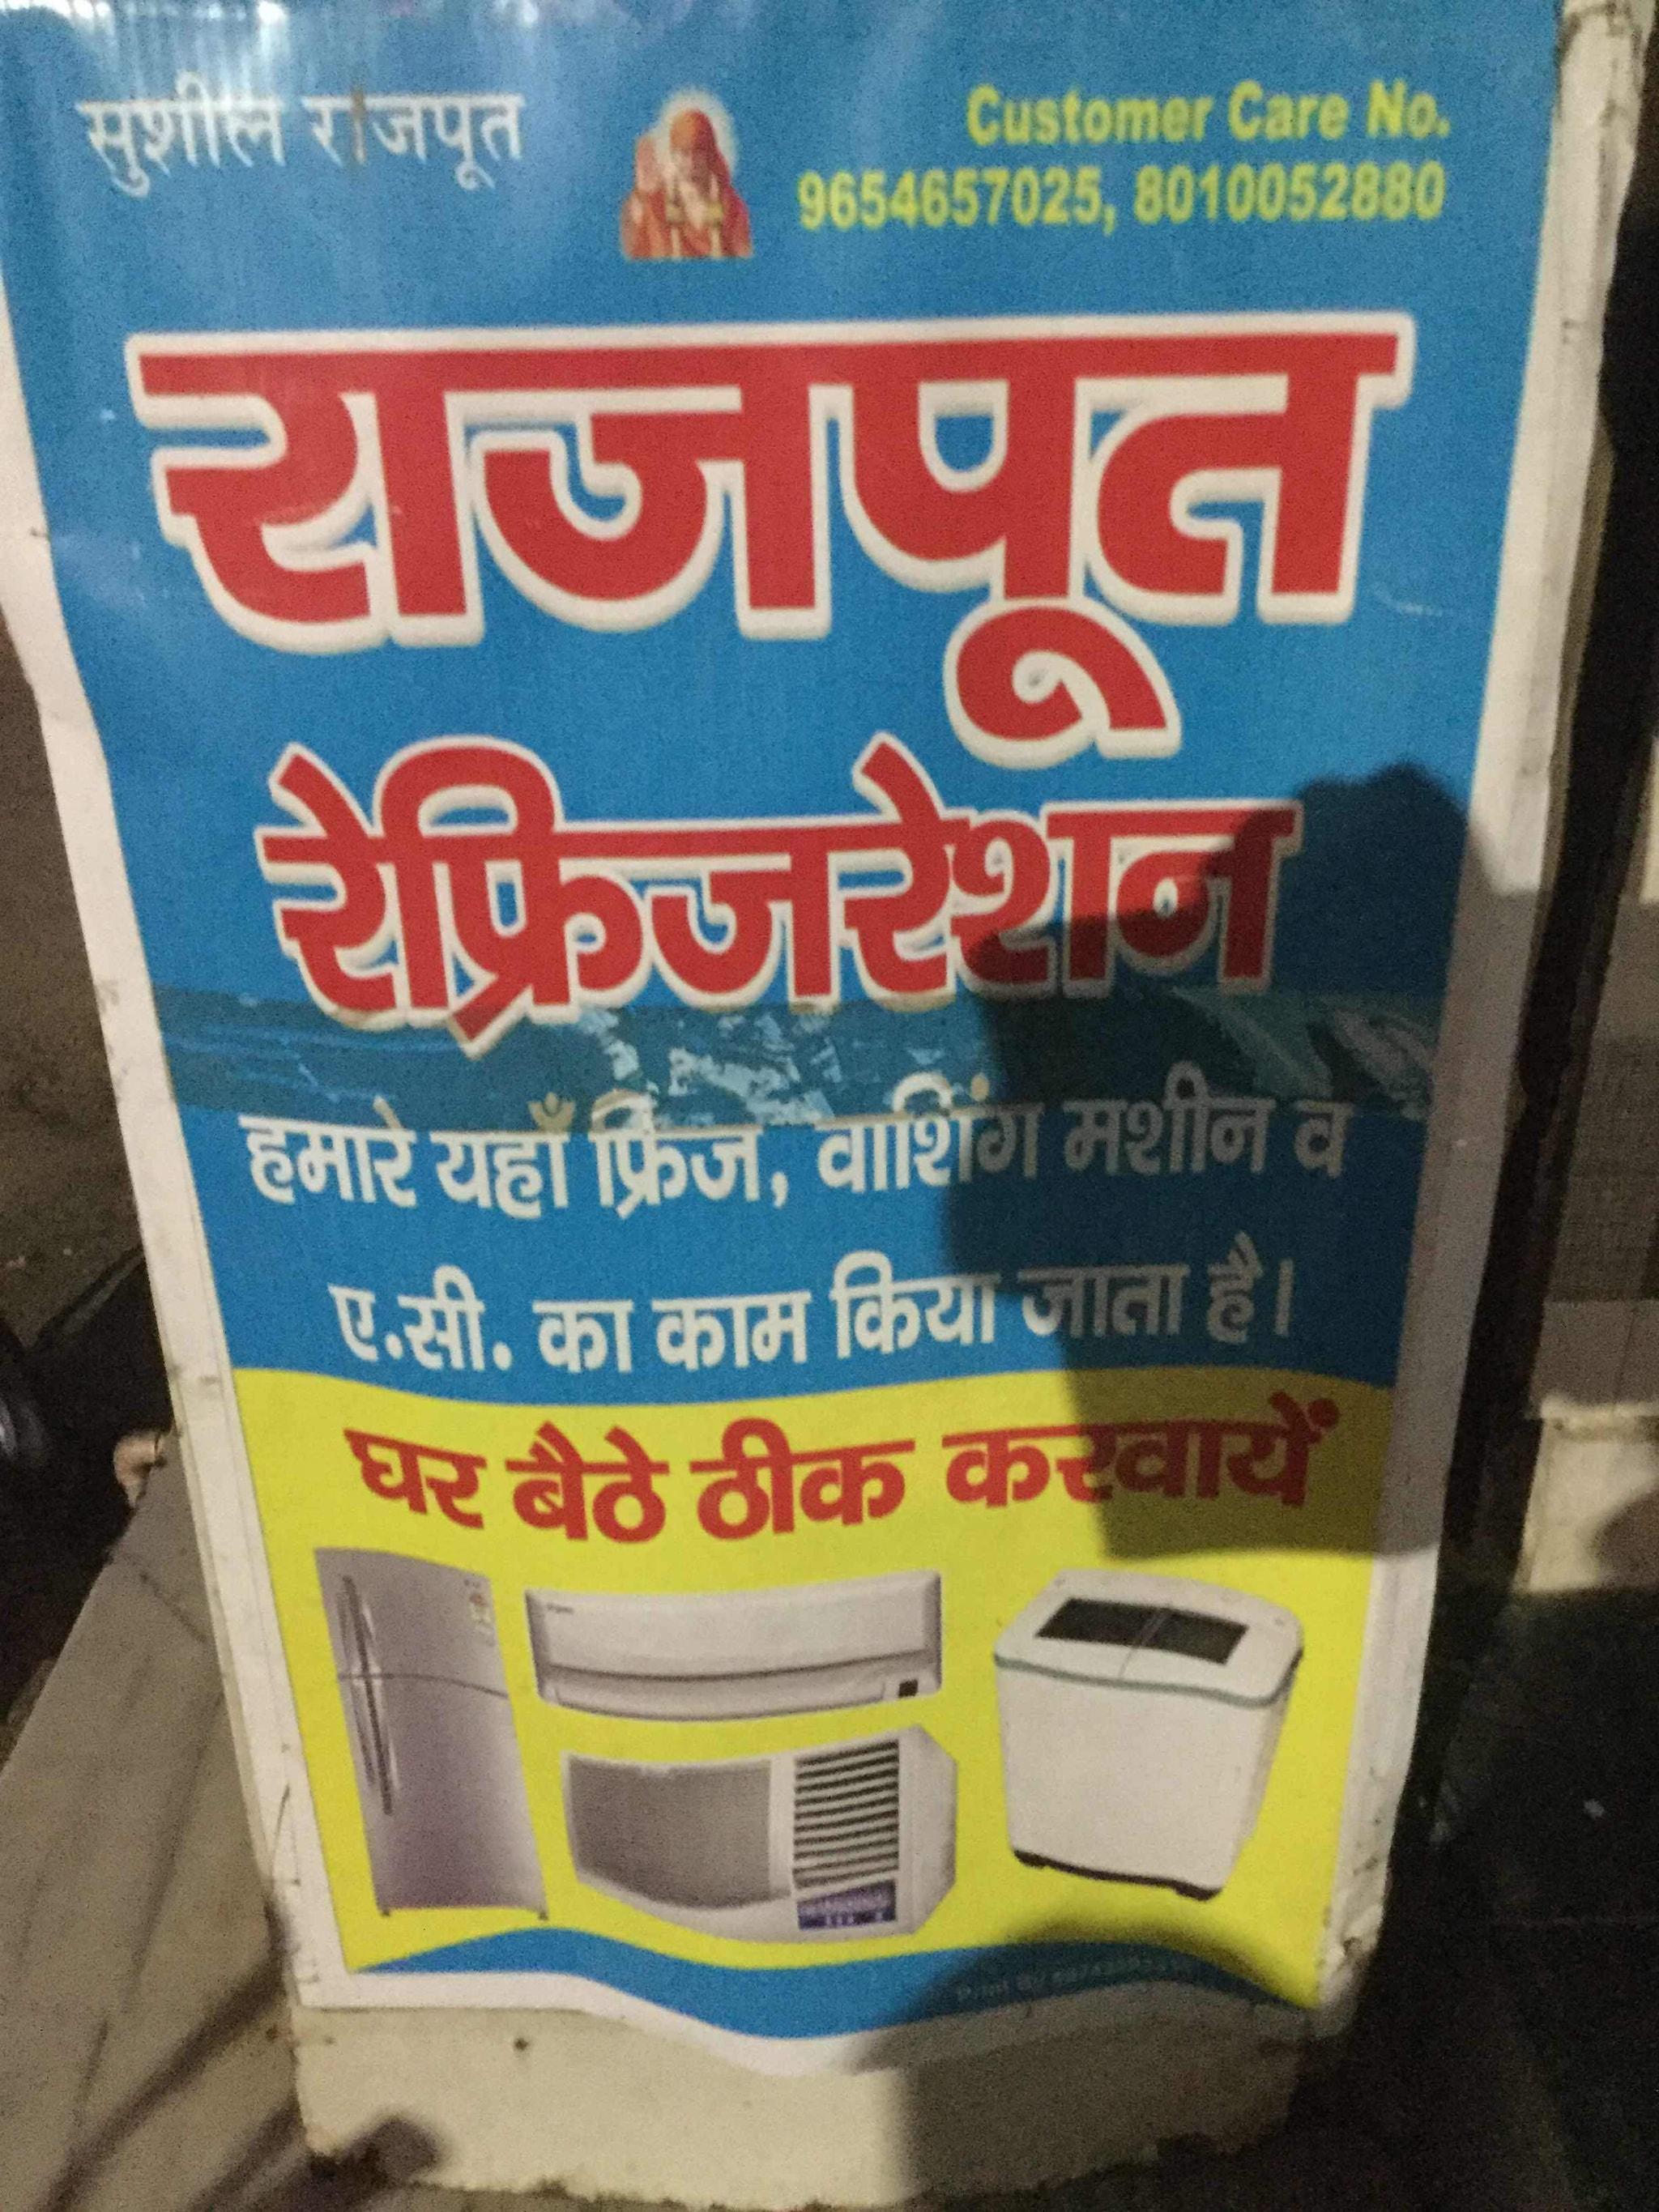 Top 50 Fridge Repair Services in Nangli Sakrawati-Najafgarh, Delhi